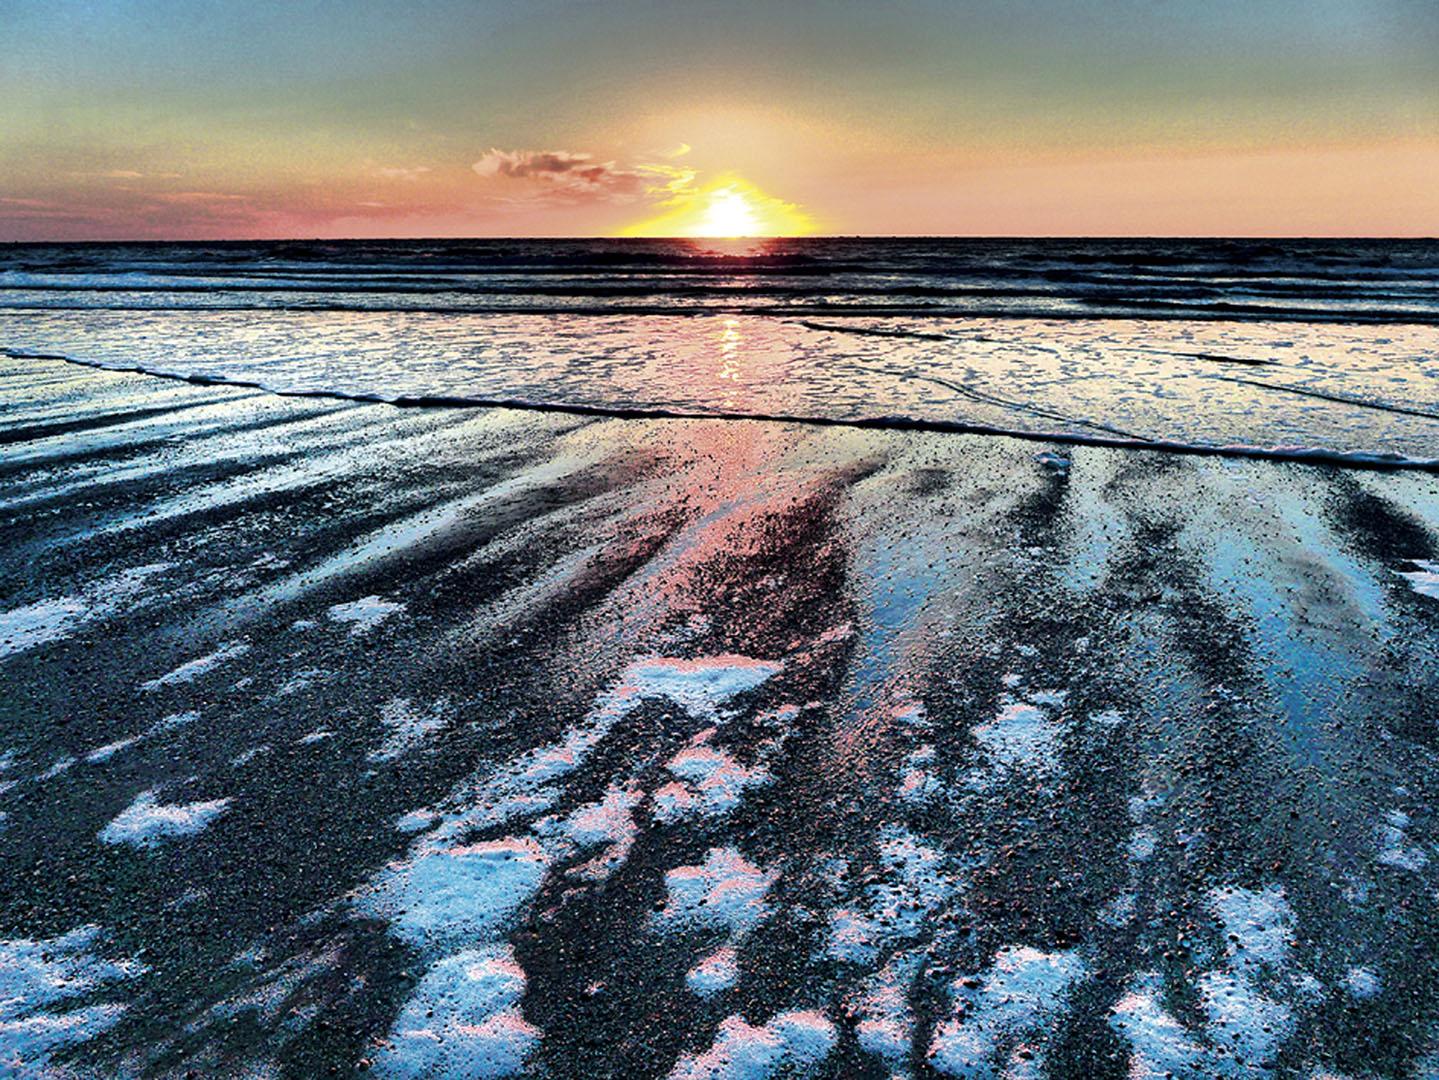 North_Sea_Water_114_N15.4.7